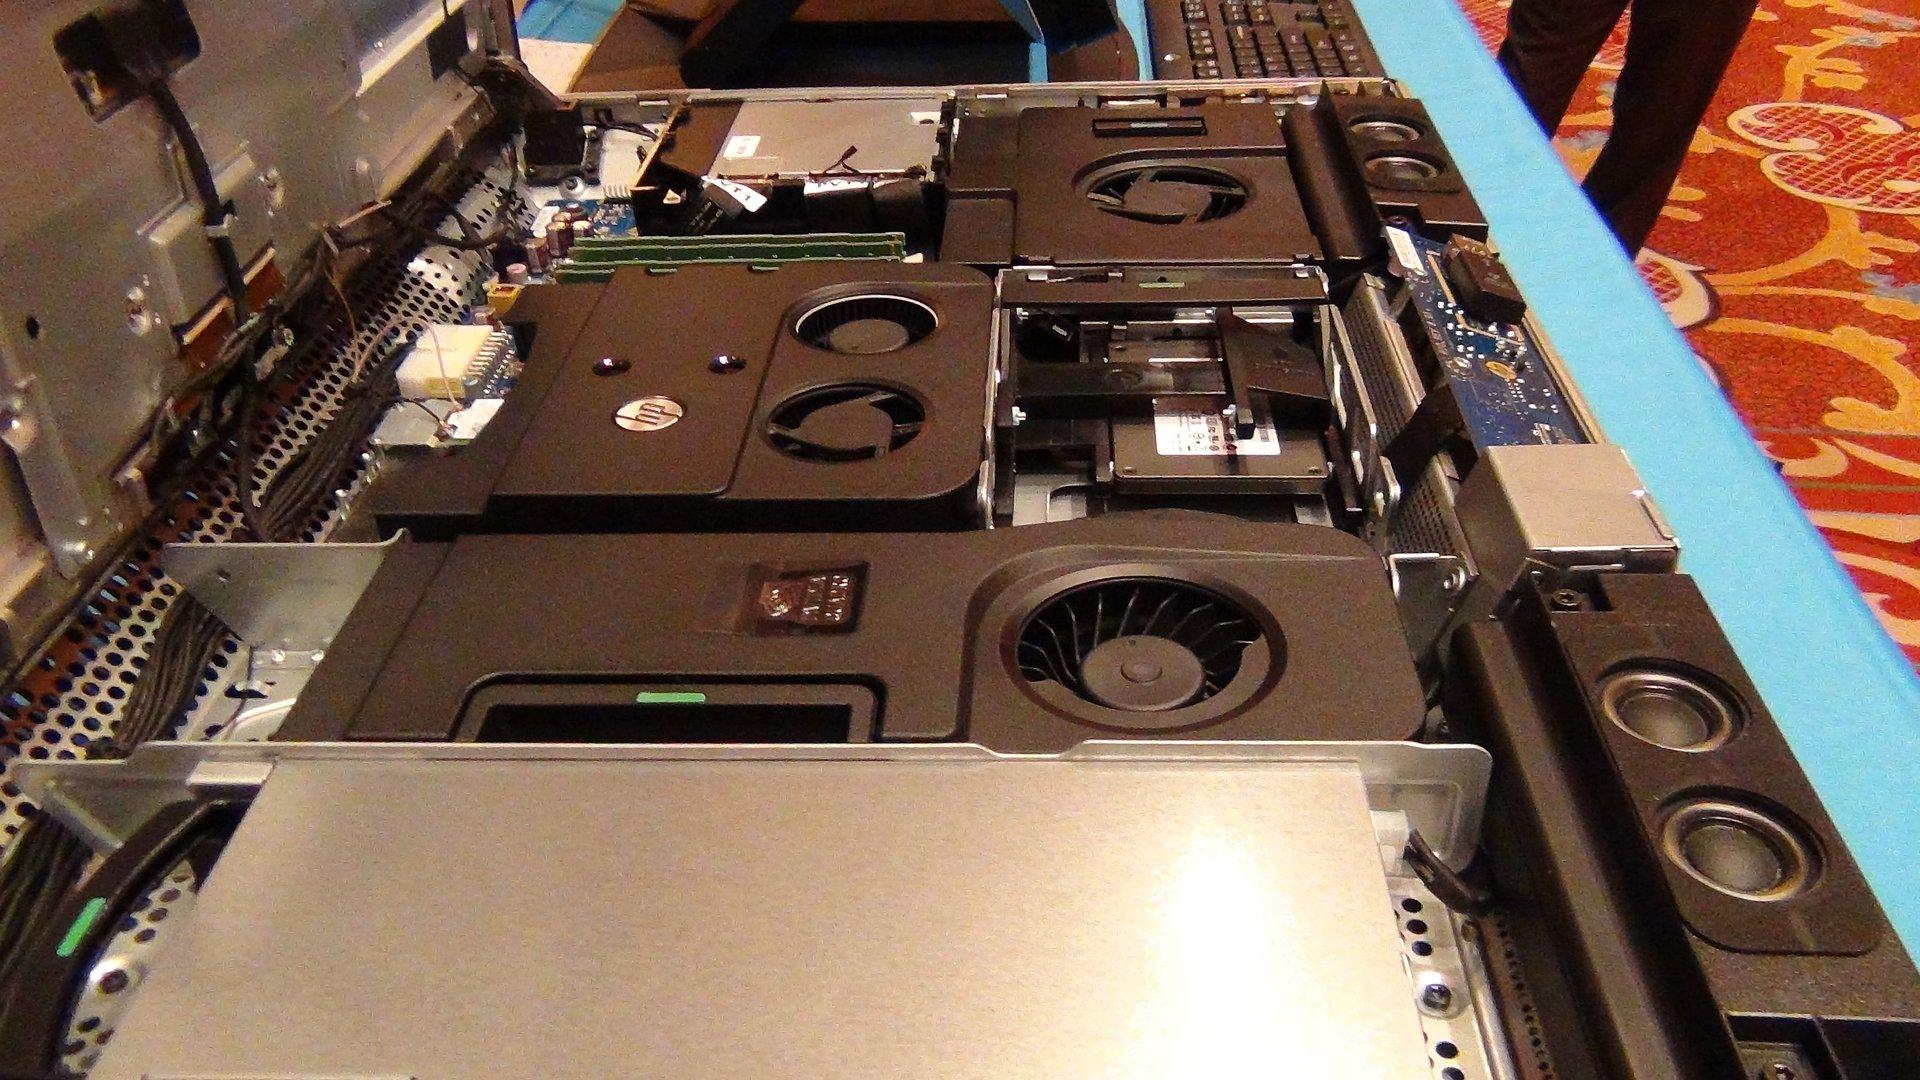 AiO-Workstation HP Z1 G2